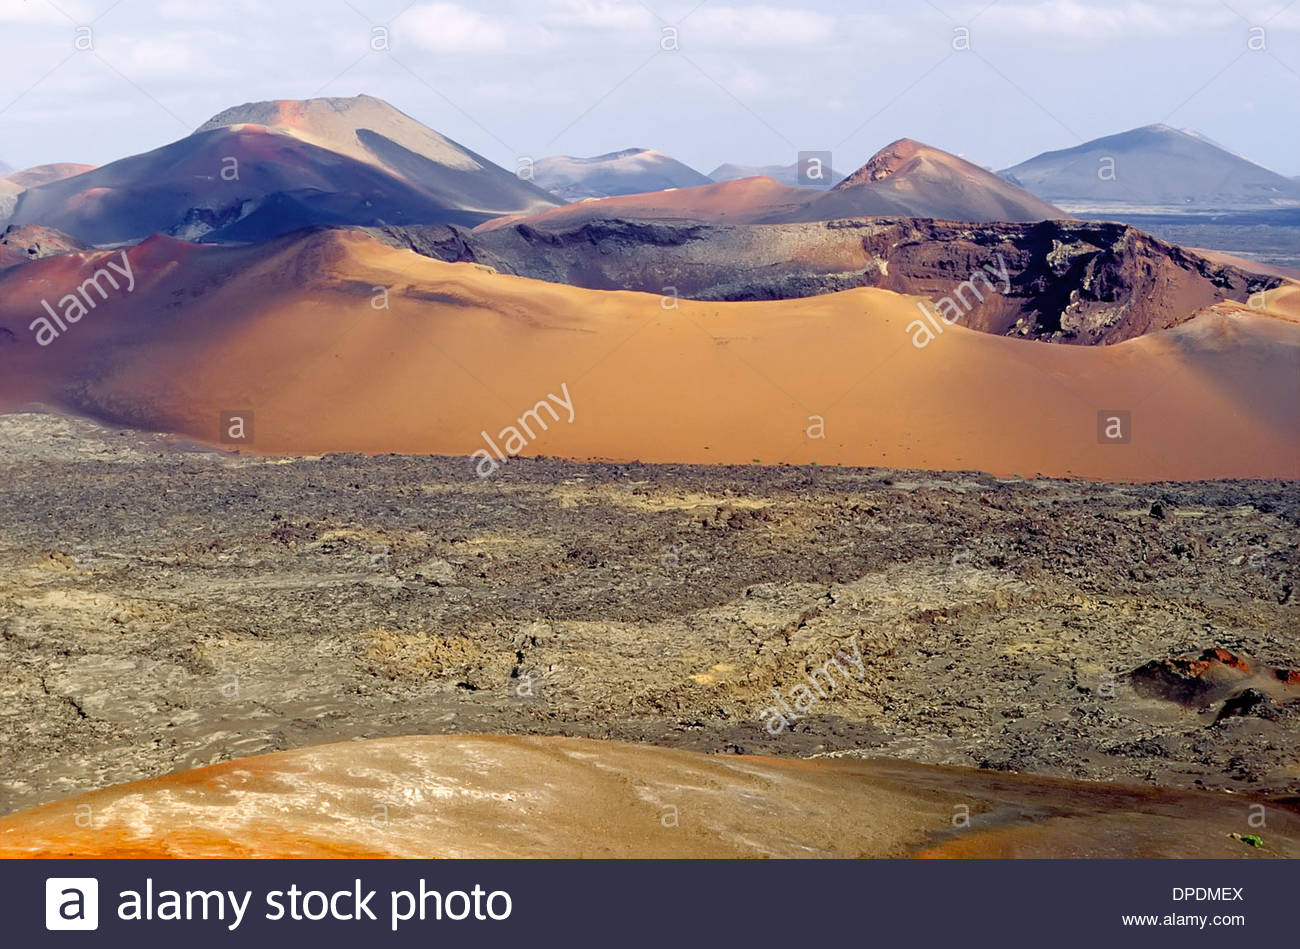 Volcanoes, Montanas del Fuego, Timanfaya National Park, Lanzarote, Canary Islands, Spain Stock Photo